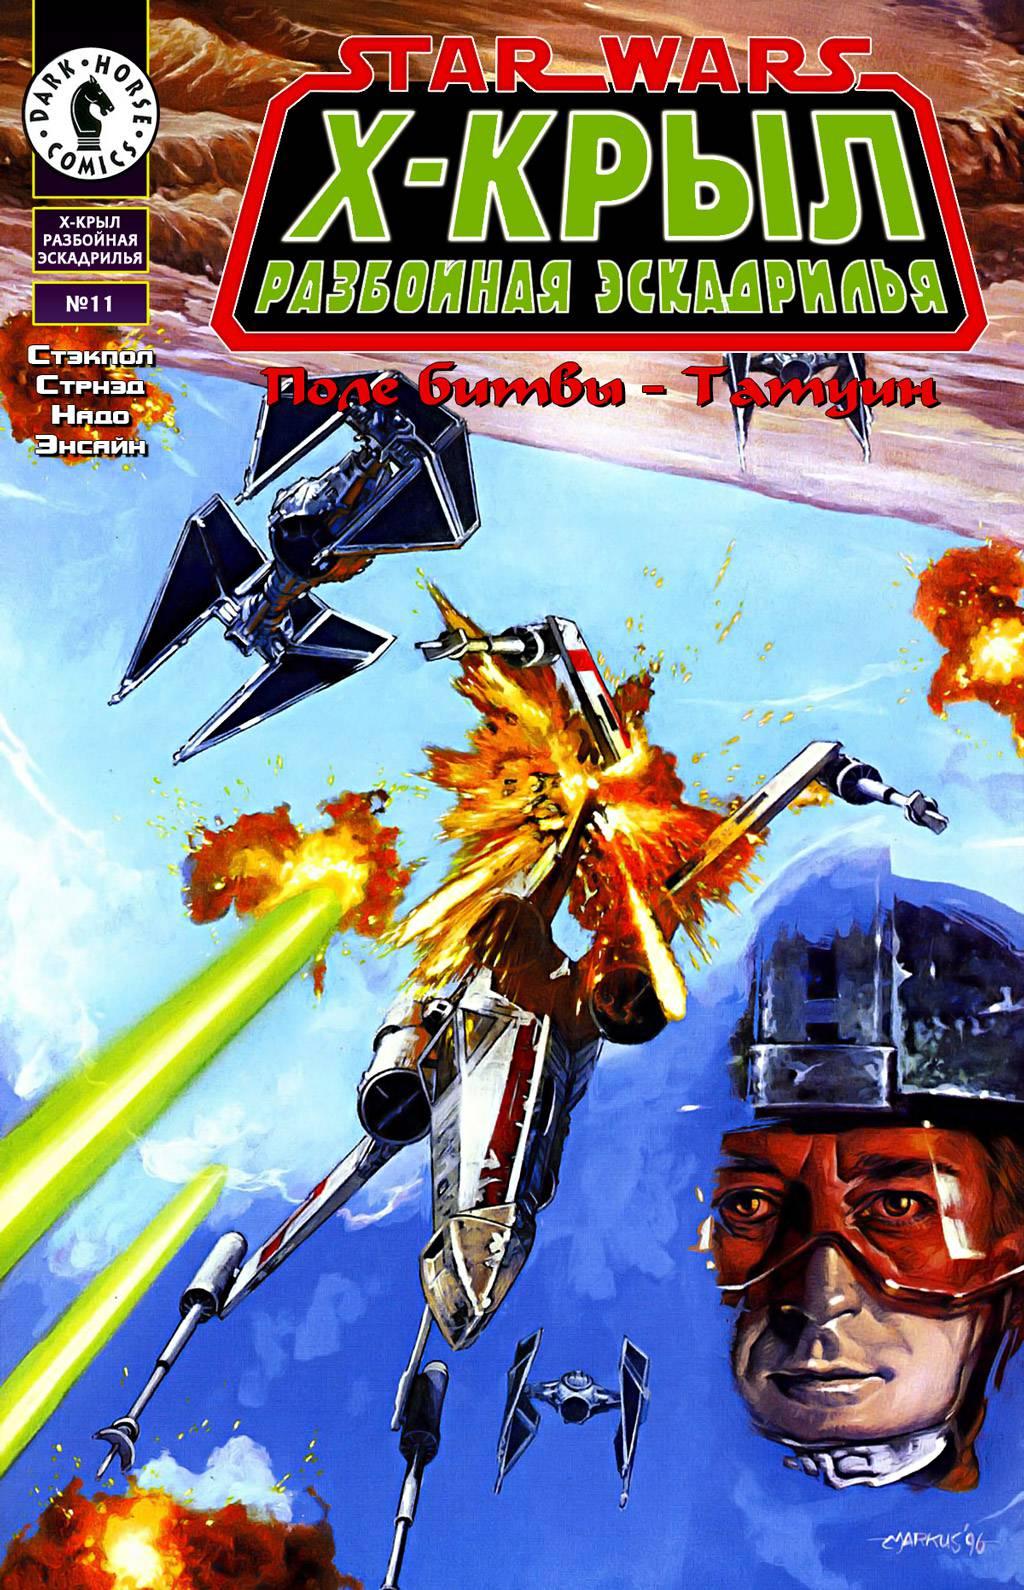 Звездные Войны: Х-Крыл: Разбойная Эскадрилья №11 онлайн